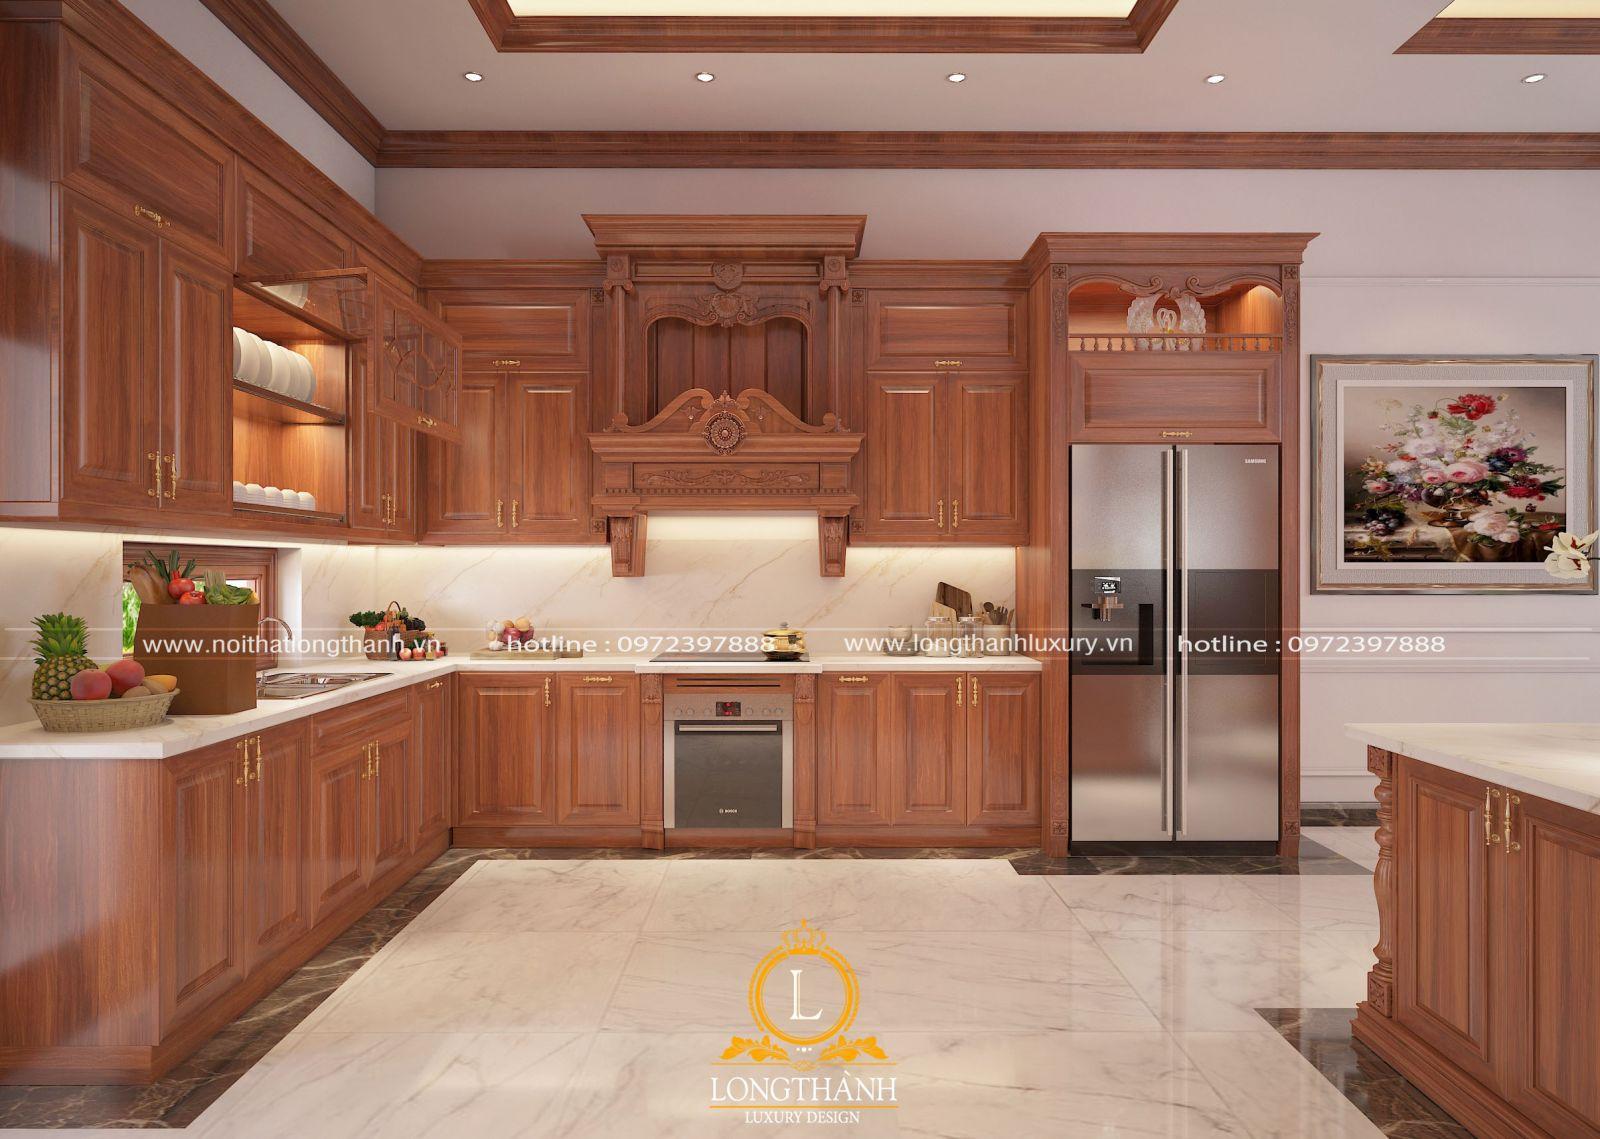 Mẫu tủ bếp với những nét hoa văn tân cổ điển tinh tế